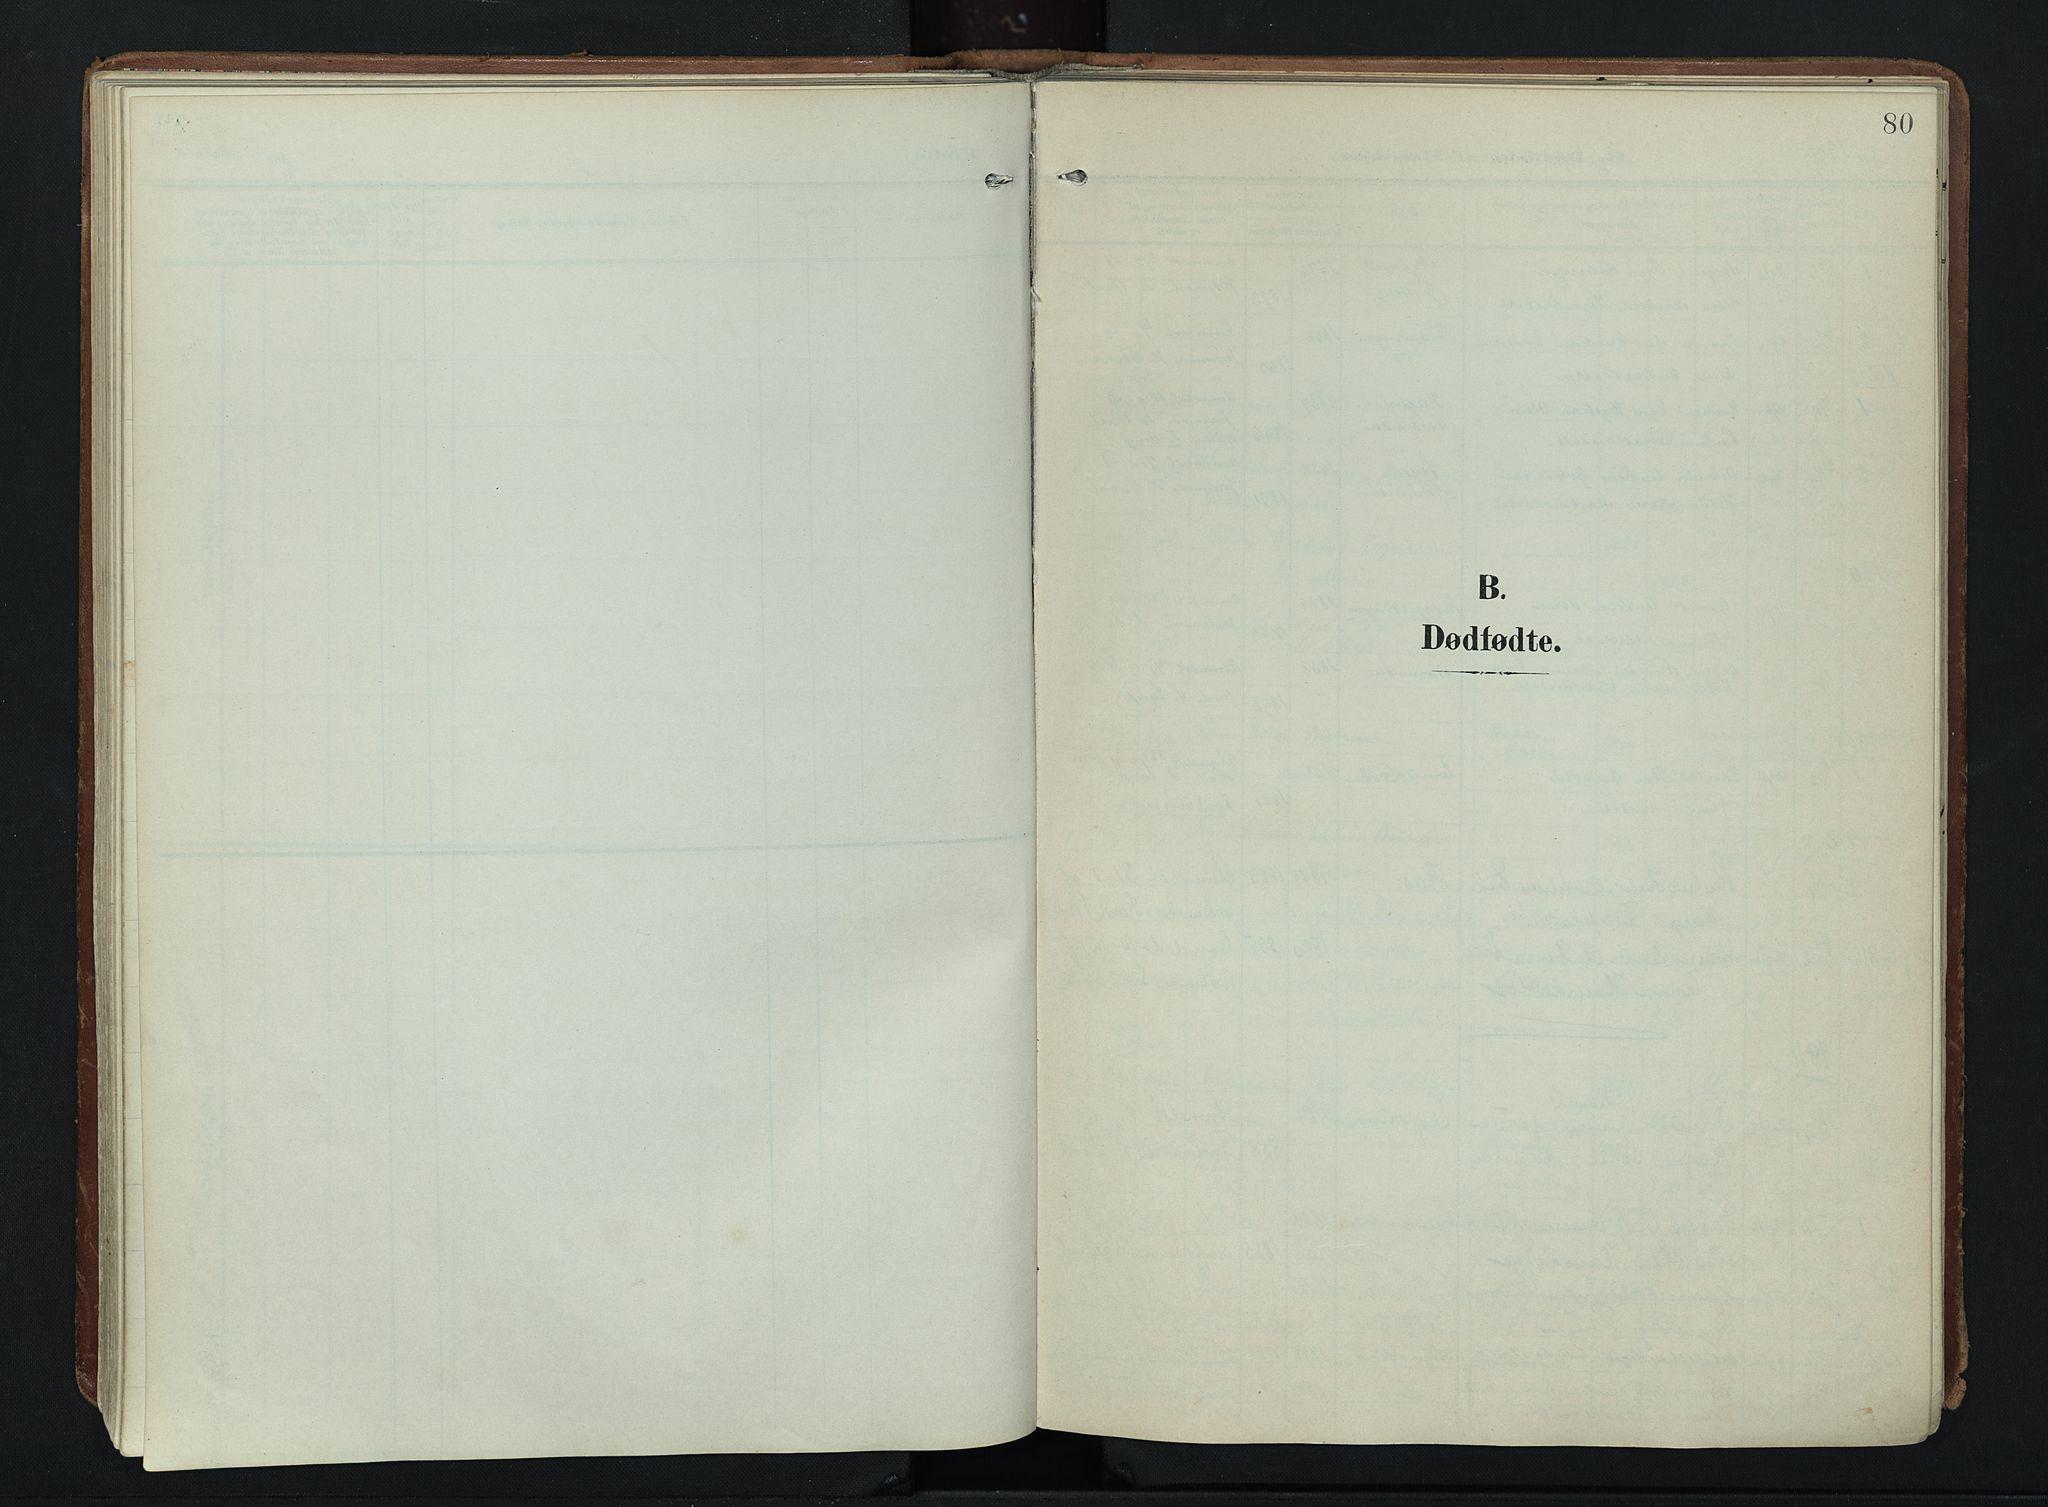 SAH, Søndre Land prestekontor, K/L0007: Ministerialbok nr. 7, 1905-1914, s. 80